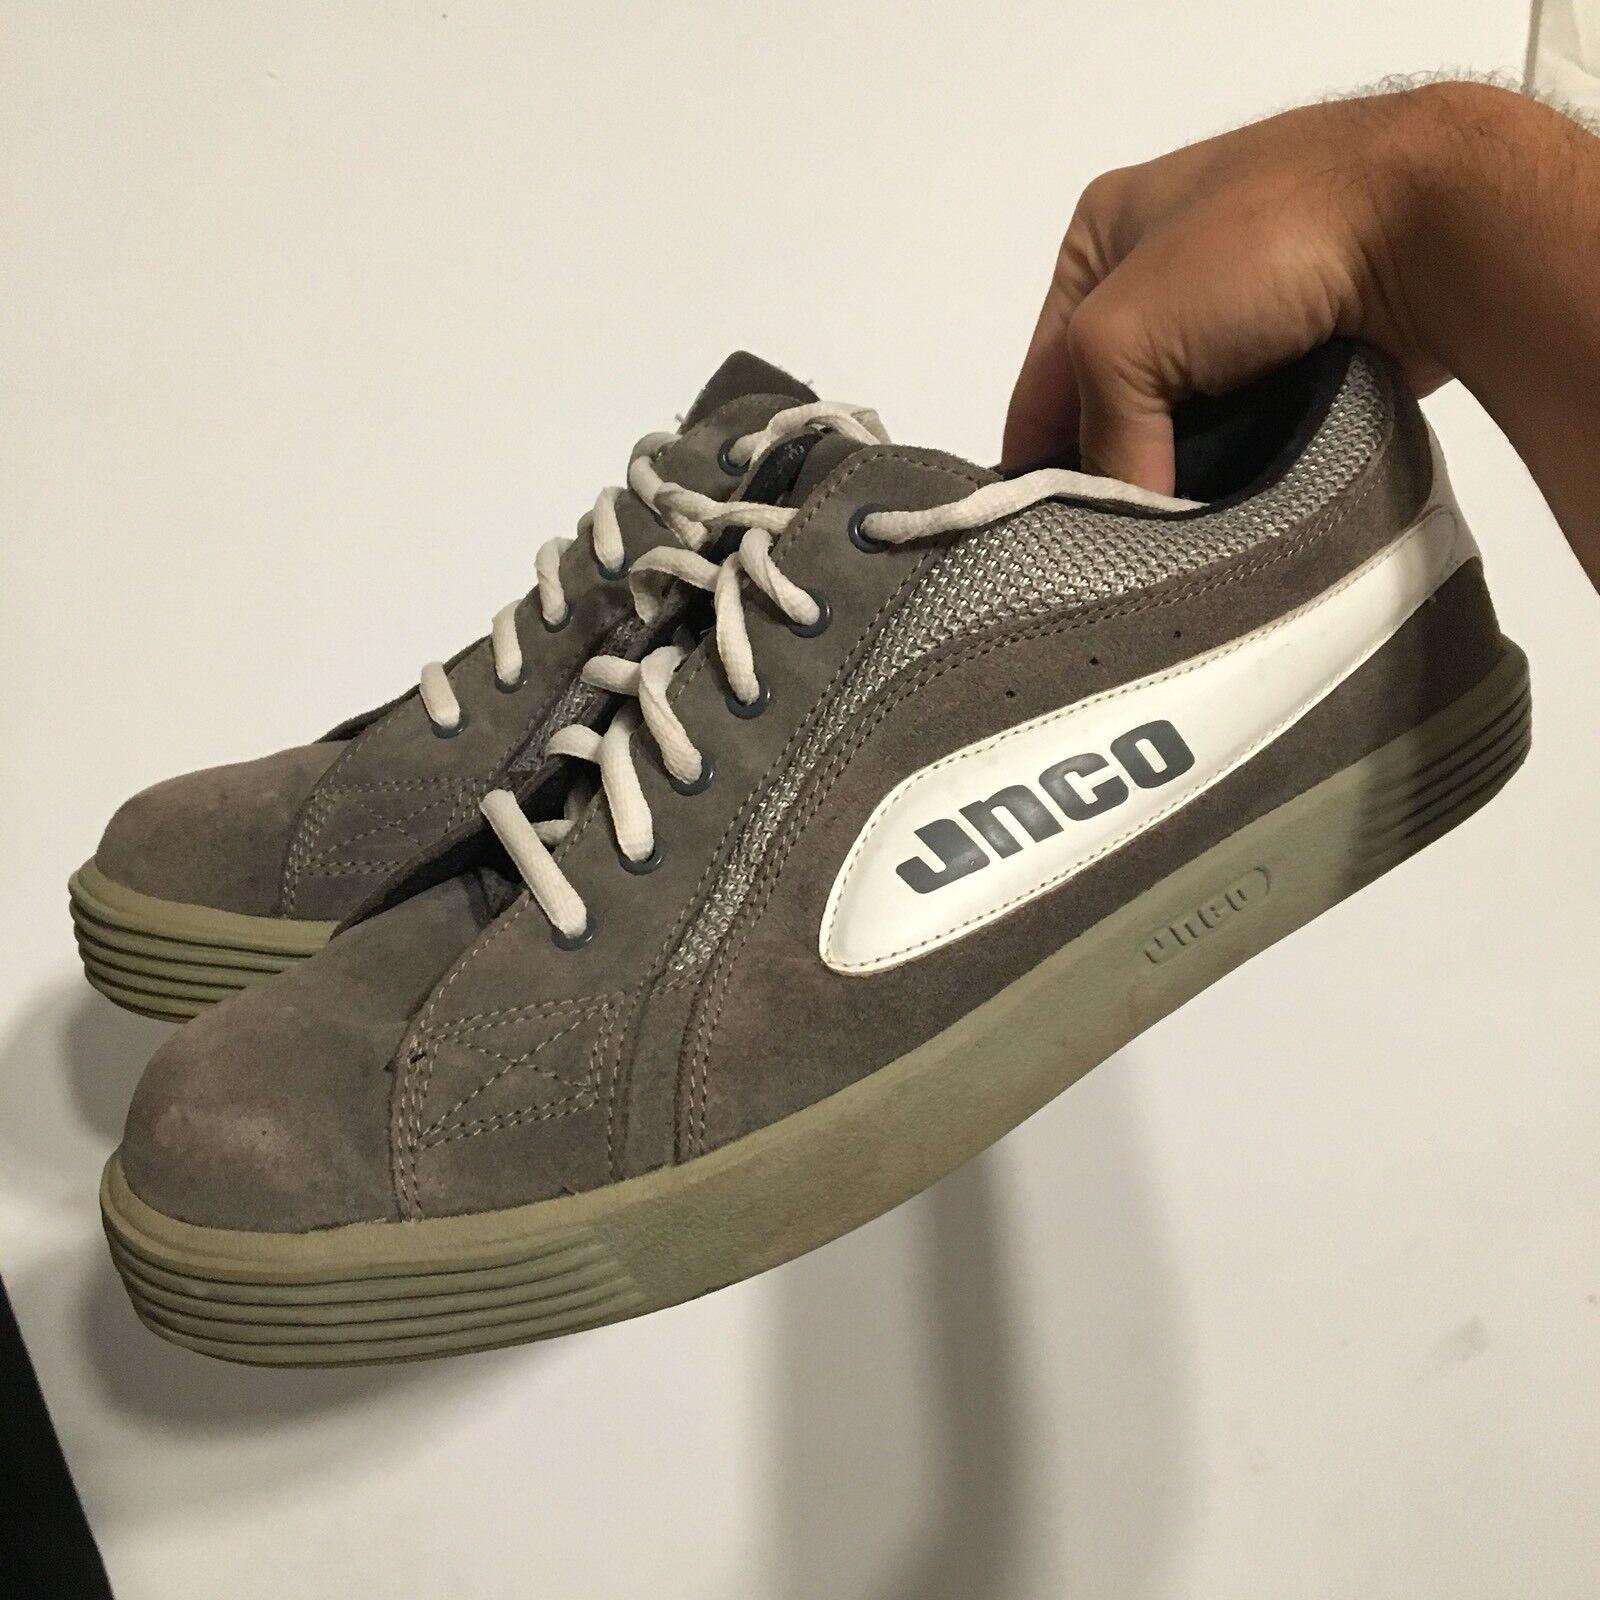 RARE Vintage JNCO suede skate sk8 skateboarding Scarpe grey Uomo size 11